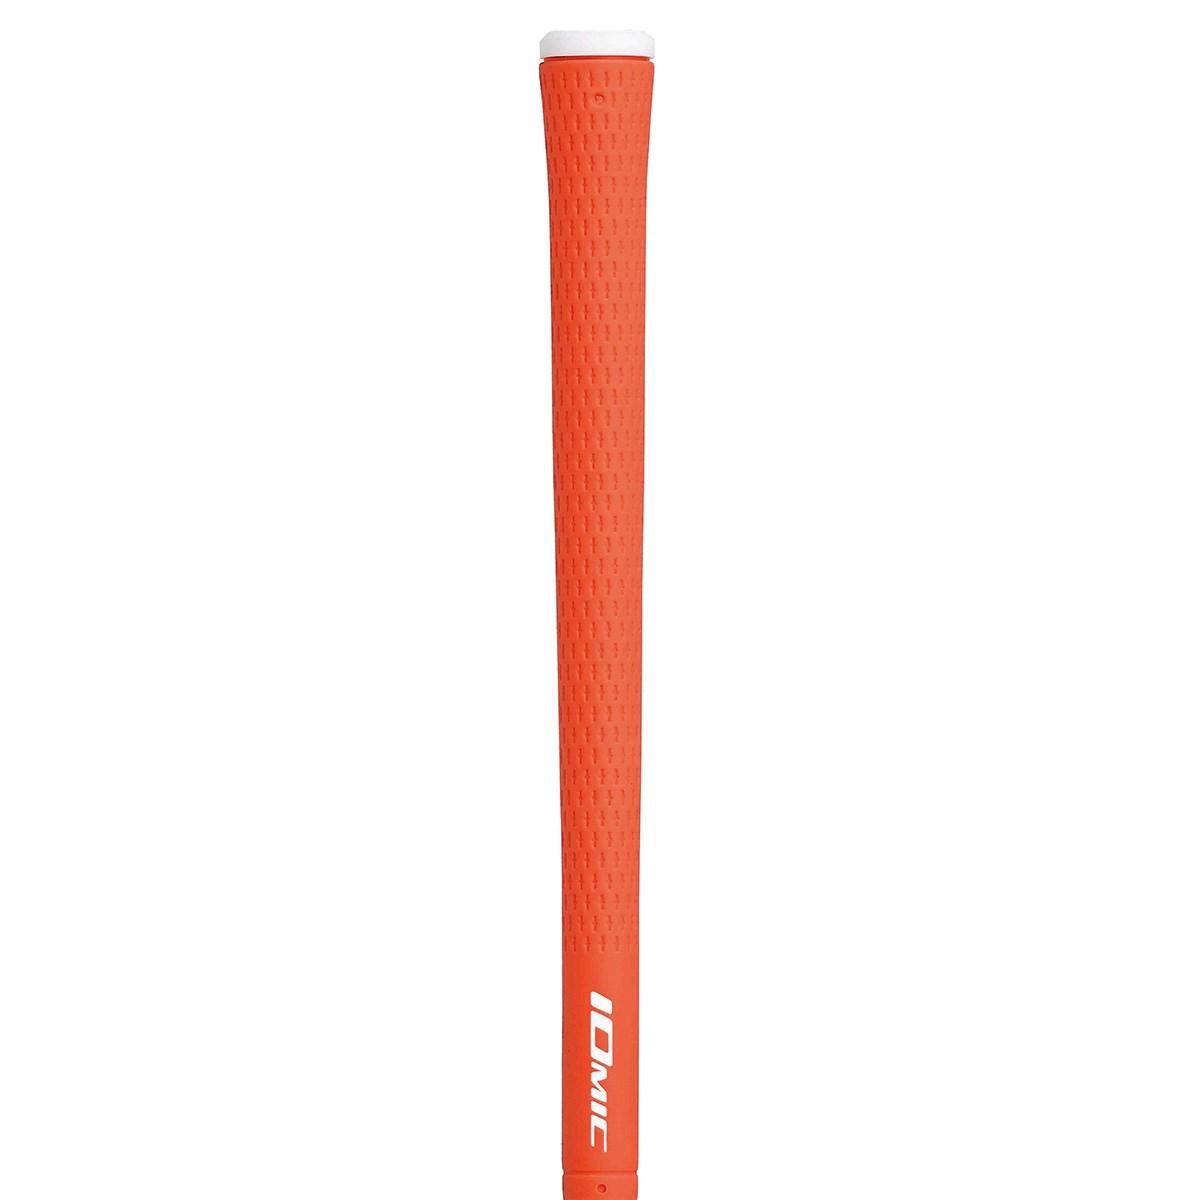 イオミック IOMIC Sticky 1.8 スタンダード グリップ 有り M60 外径:21.8mm(グリップエンドから5cm) リビングコーラル